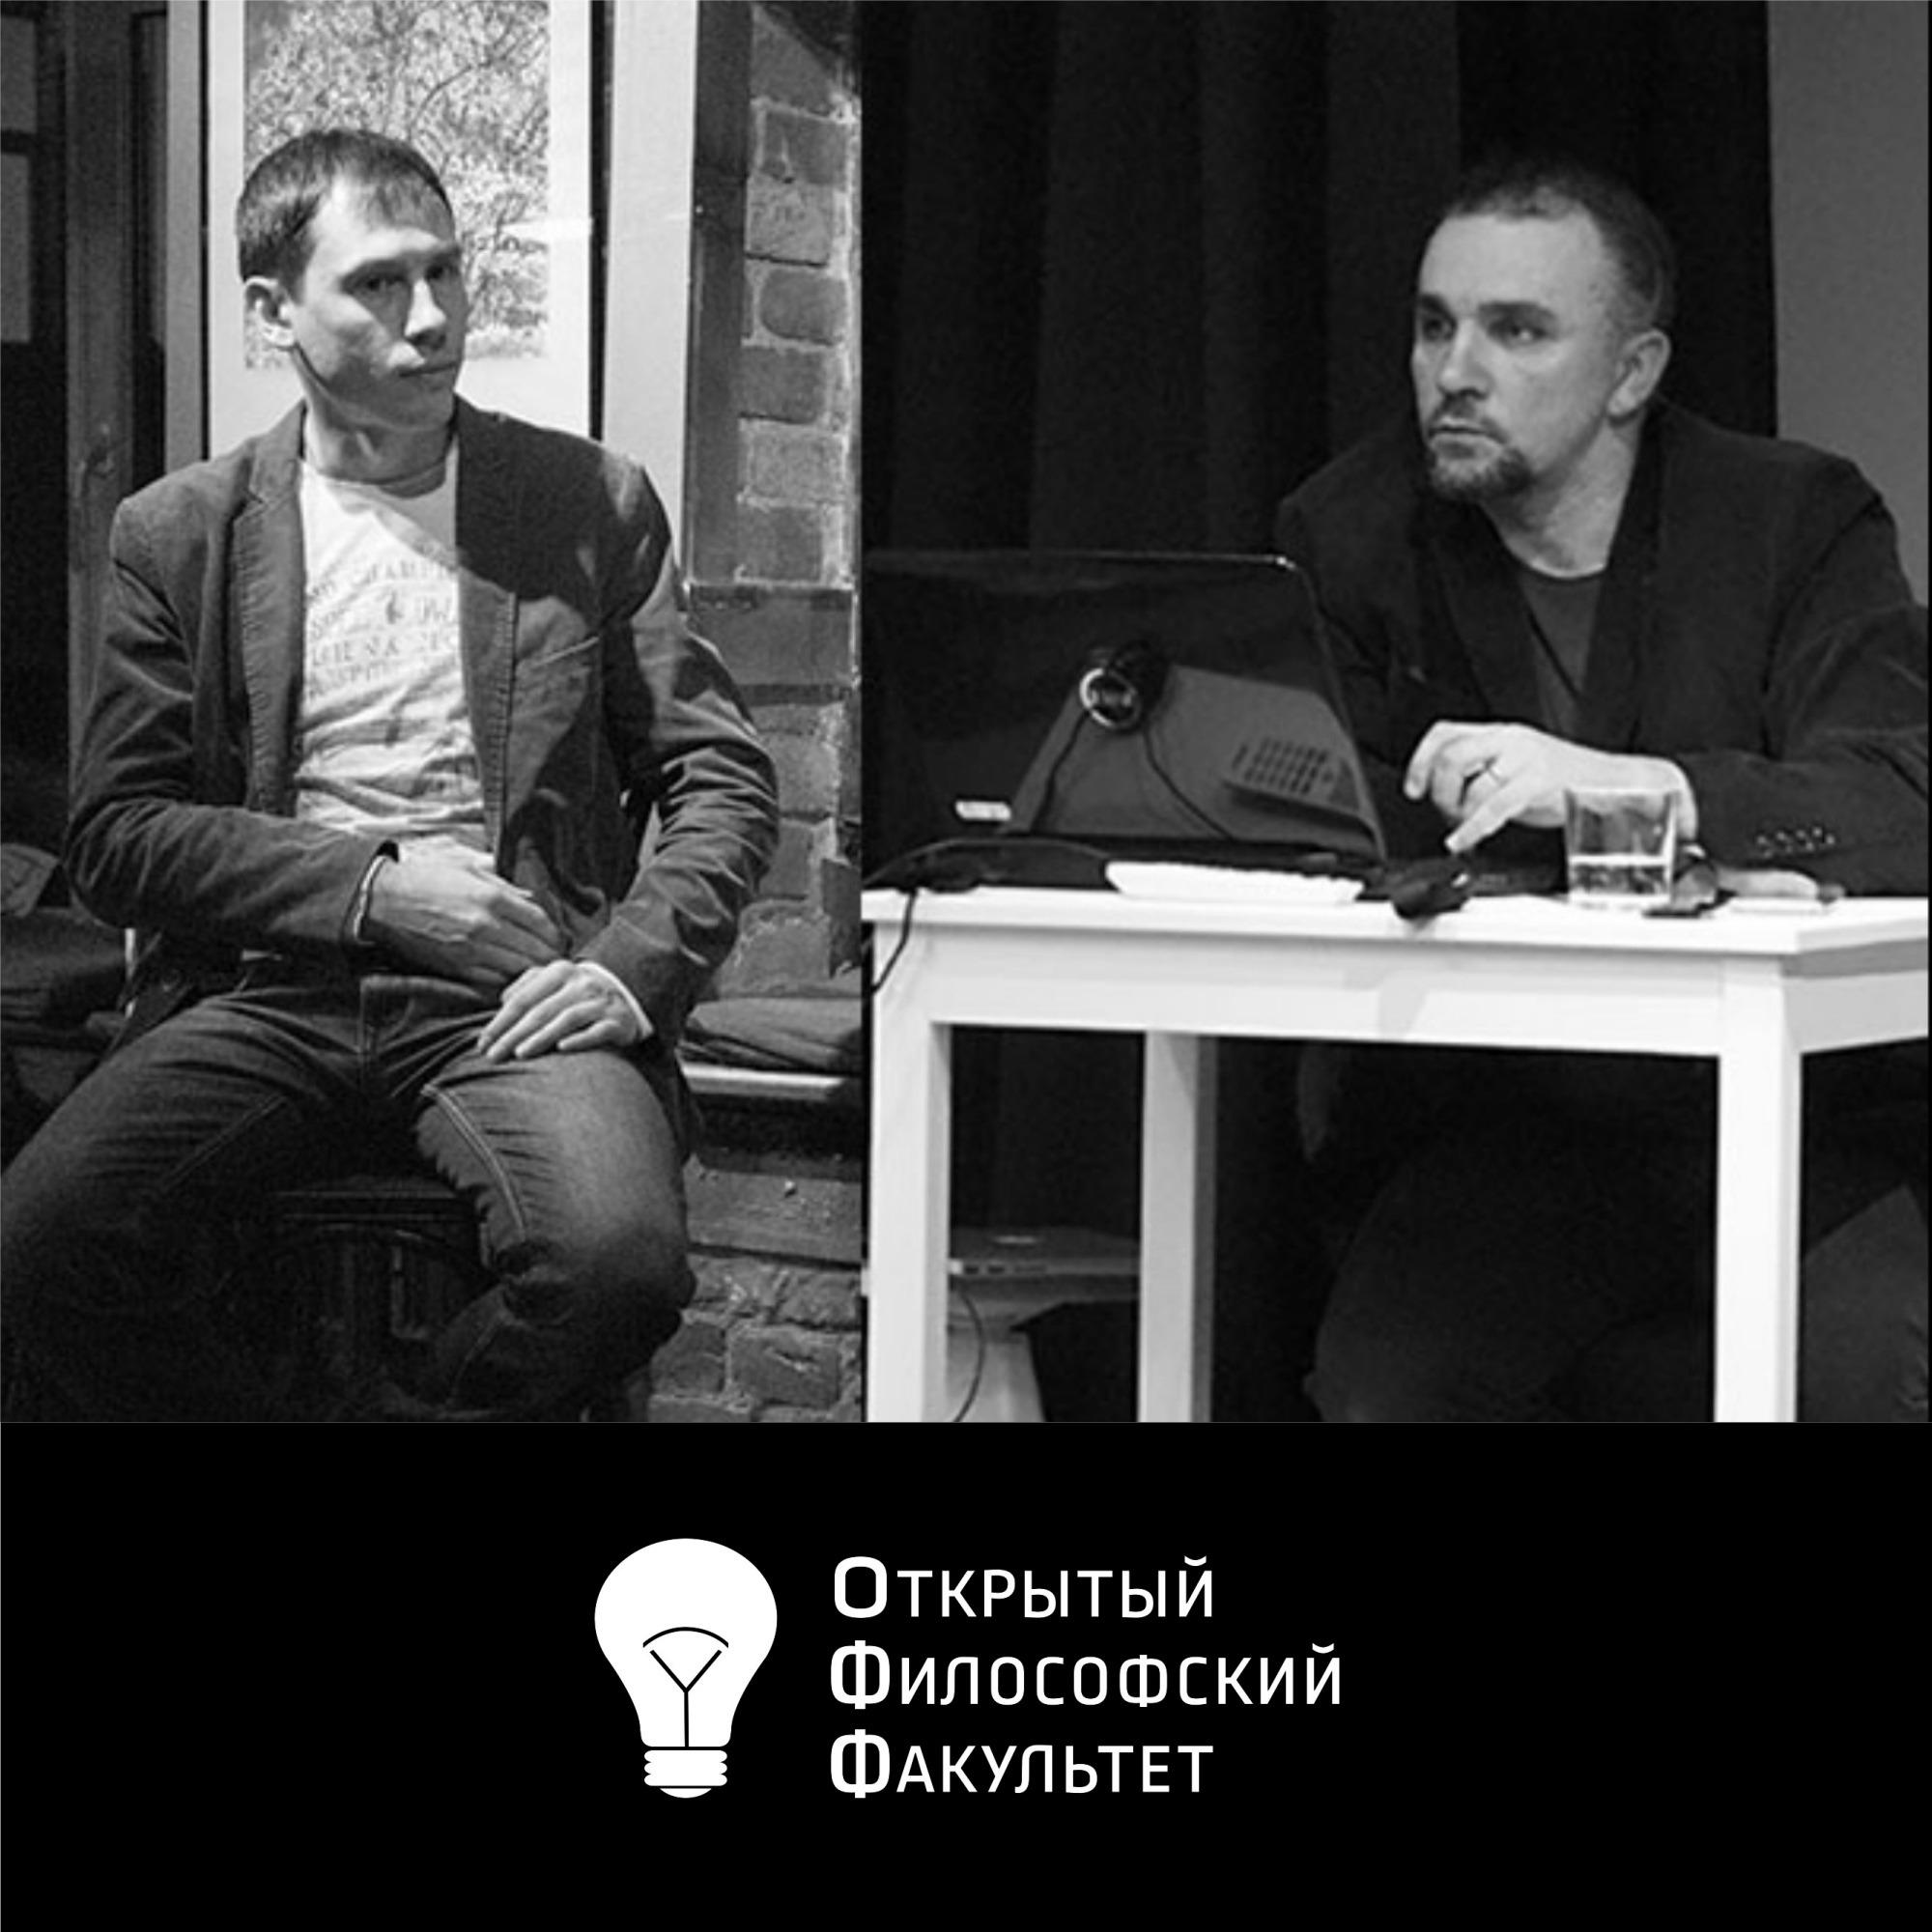 Диспозитив в действии - Диалог 3. Артемий Магун и Кирилл Половников